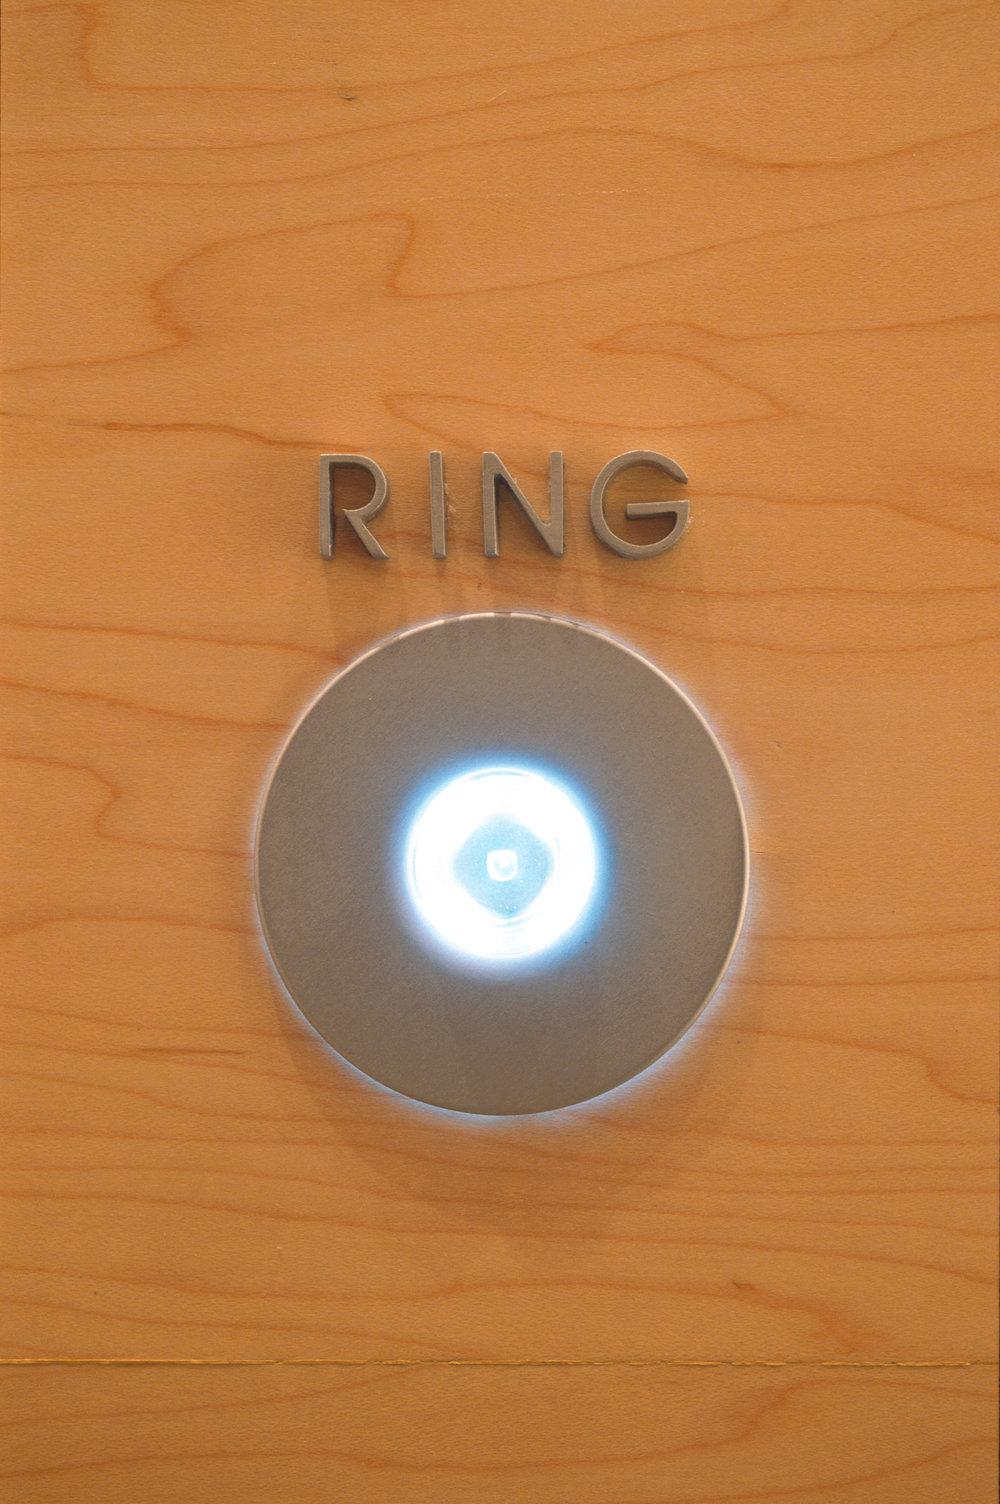 03-BPG-ring-1.jpg